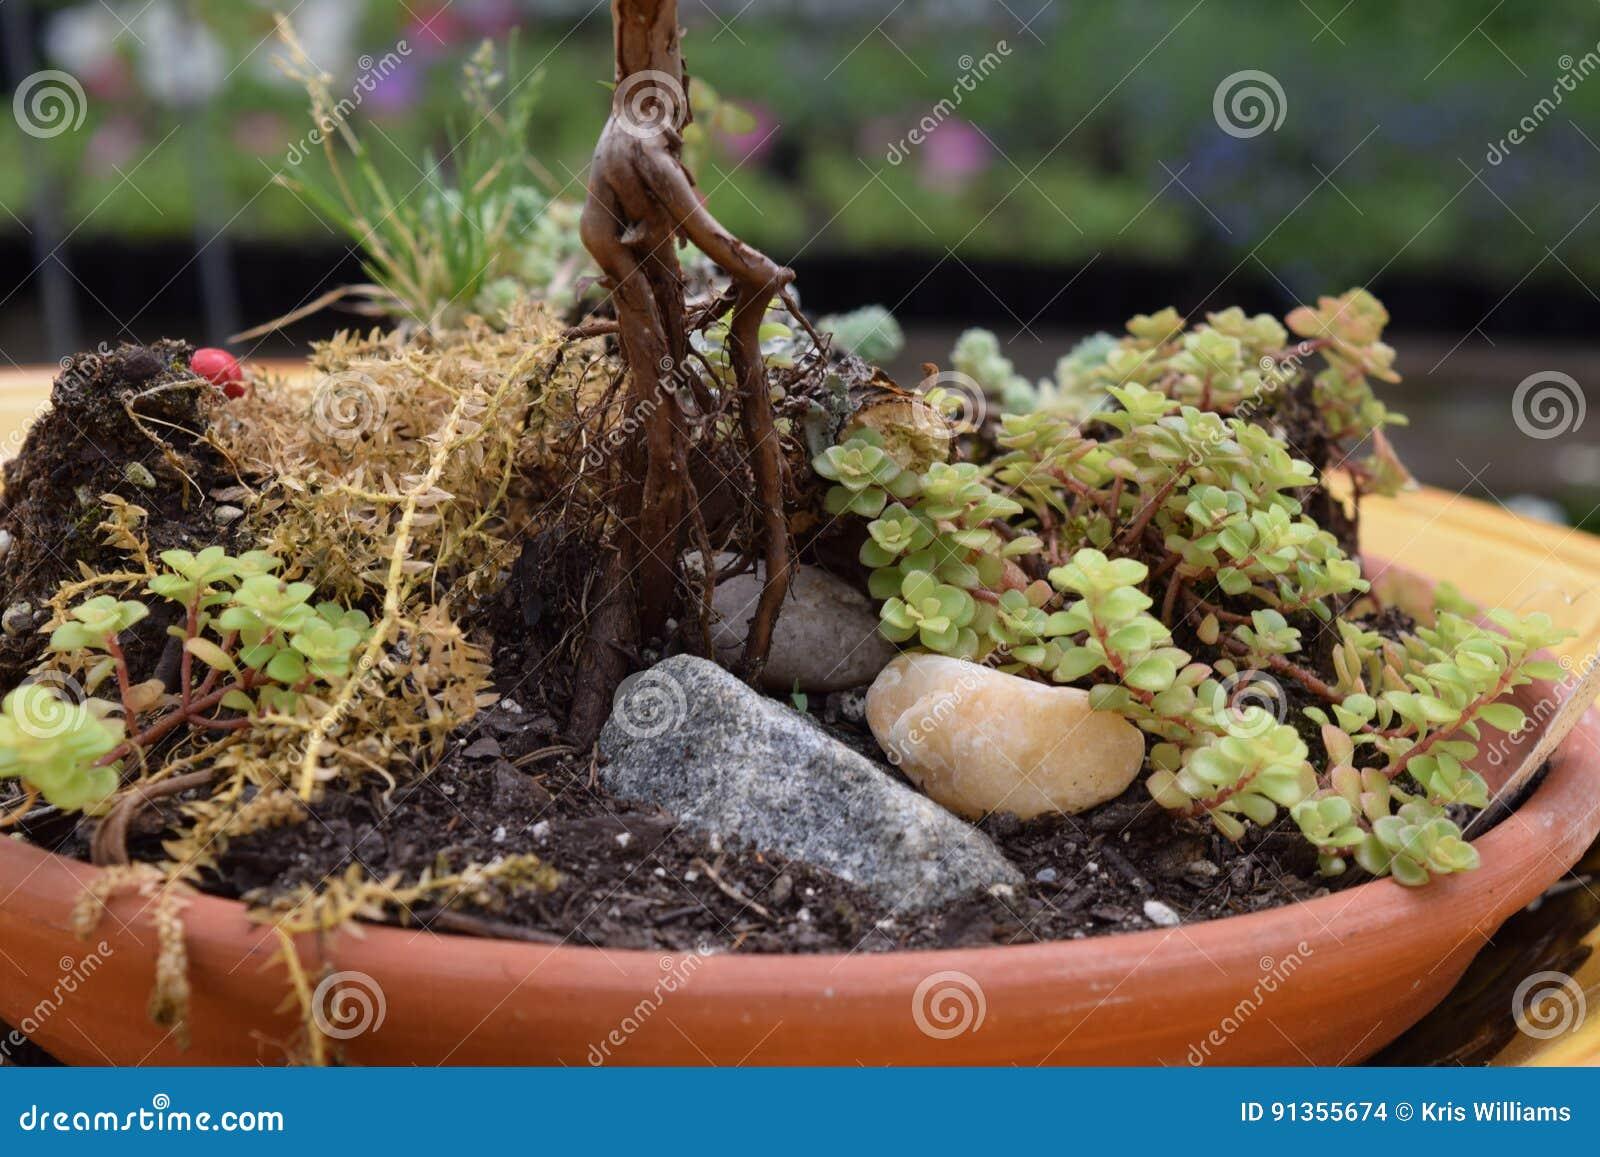 Succulent rock planter bowl